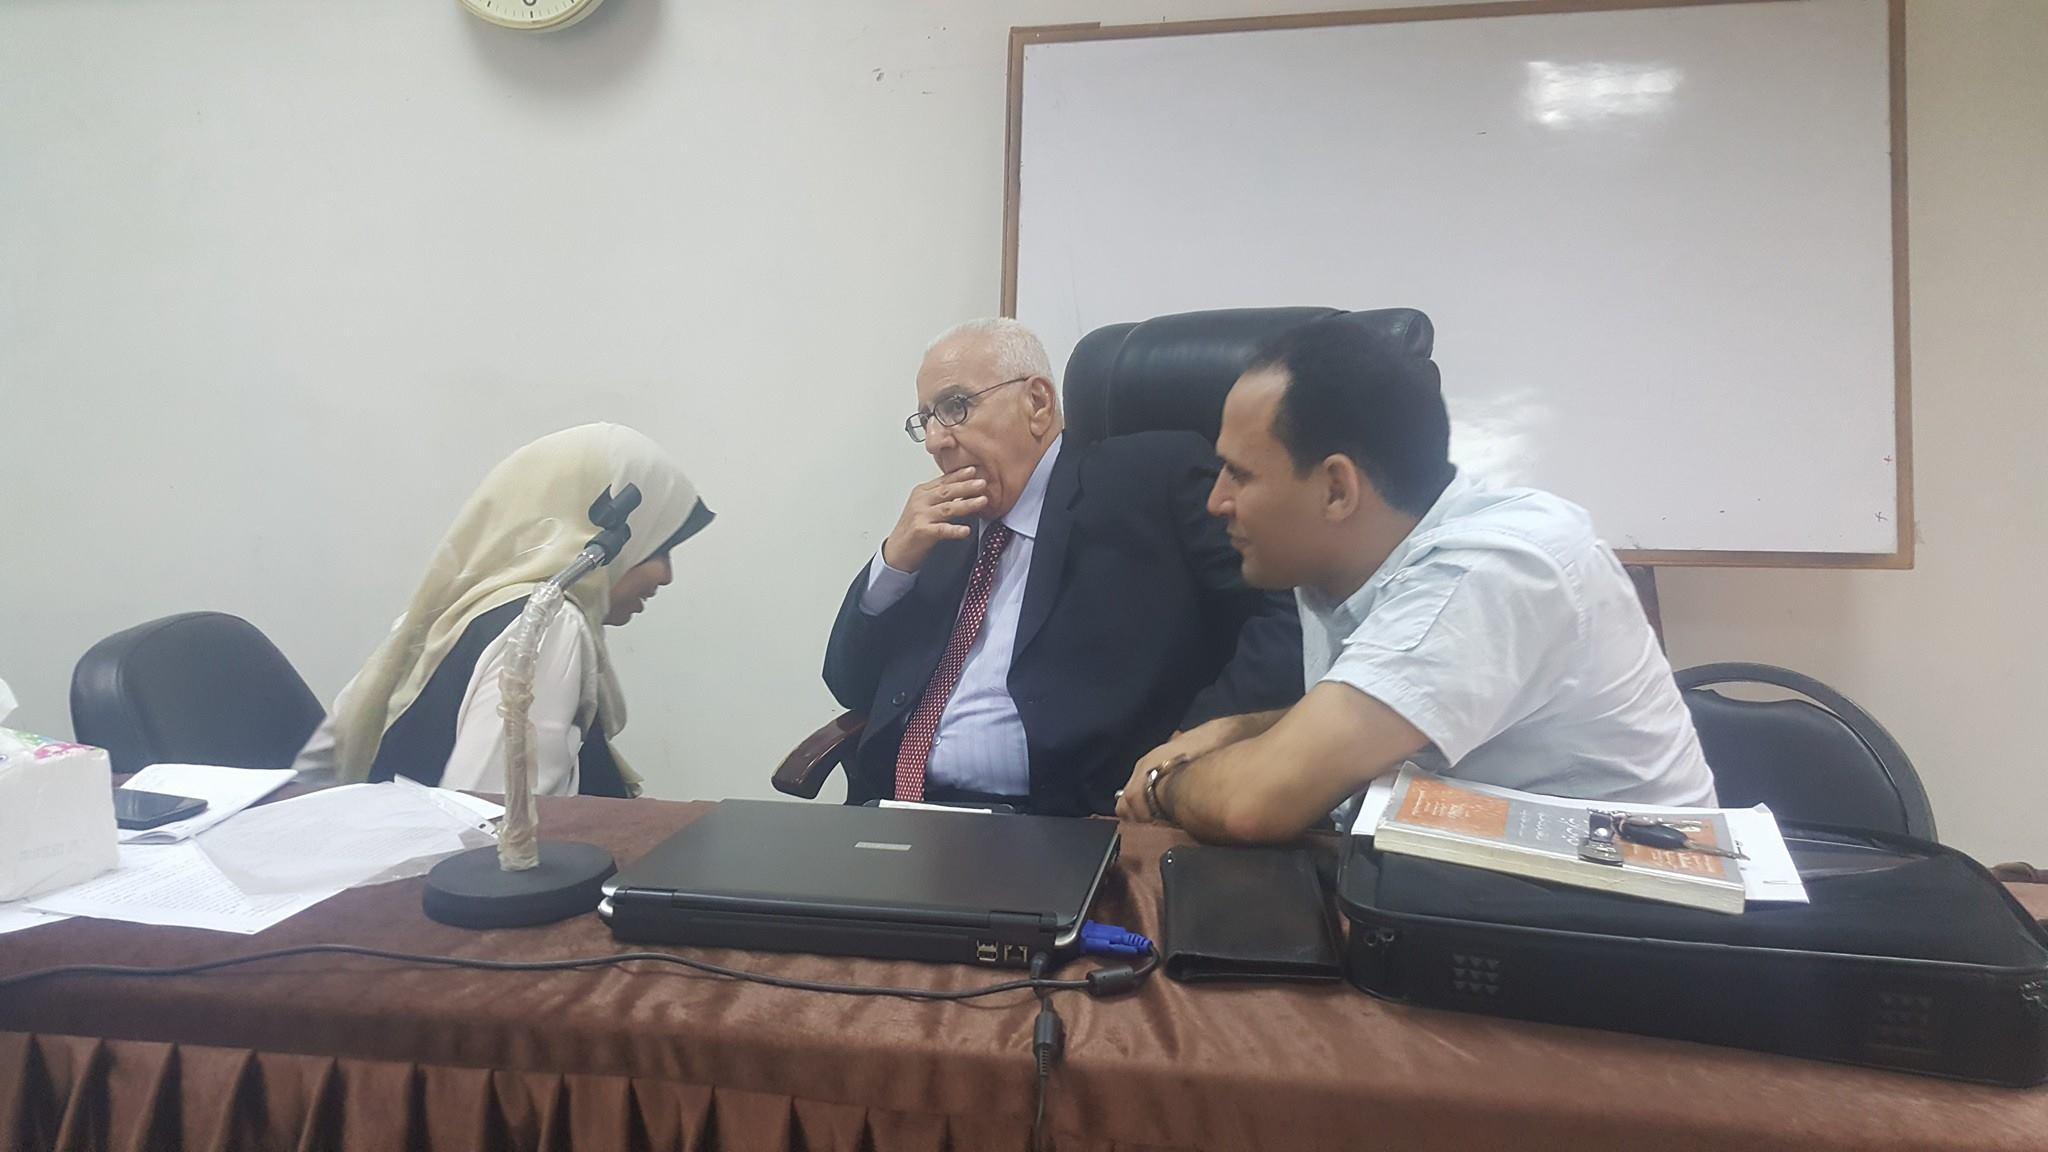 استمرار فعاليات دورة إعداد معلمي اللغة العربية للناطقين بغيرها